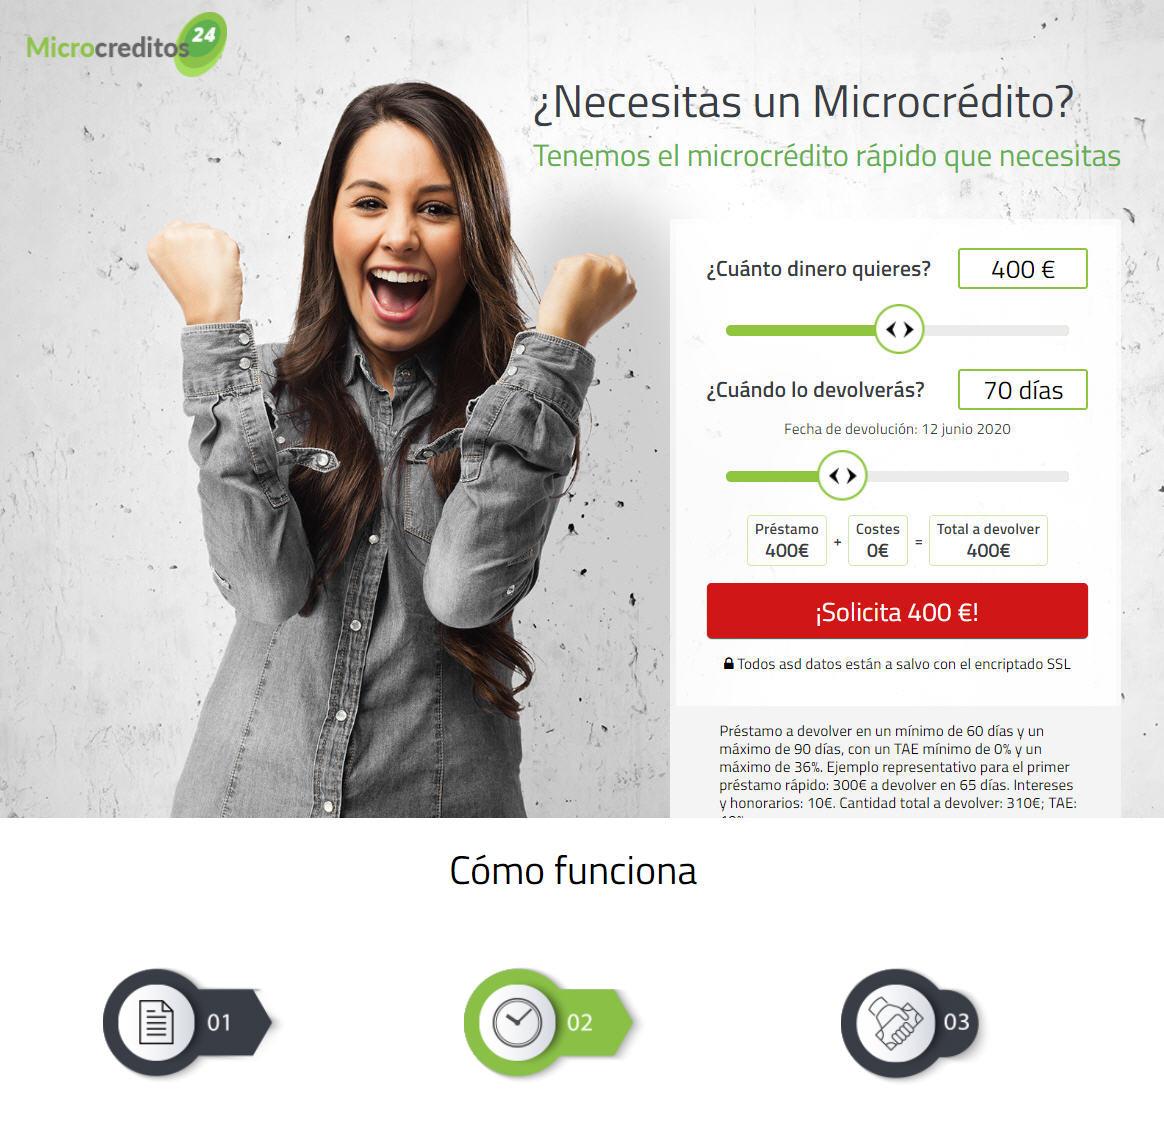 Dinero Urgente Con Microcreditos24 Creditos Rapidos Ok